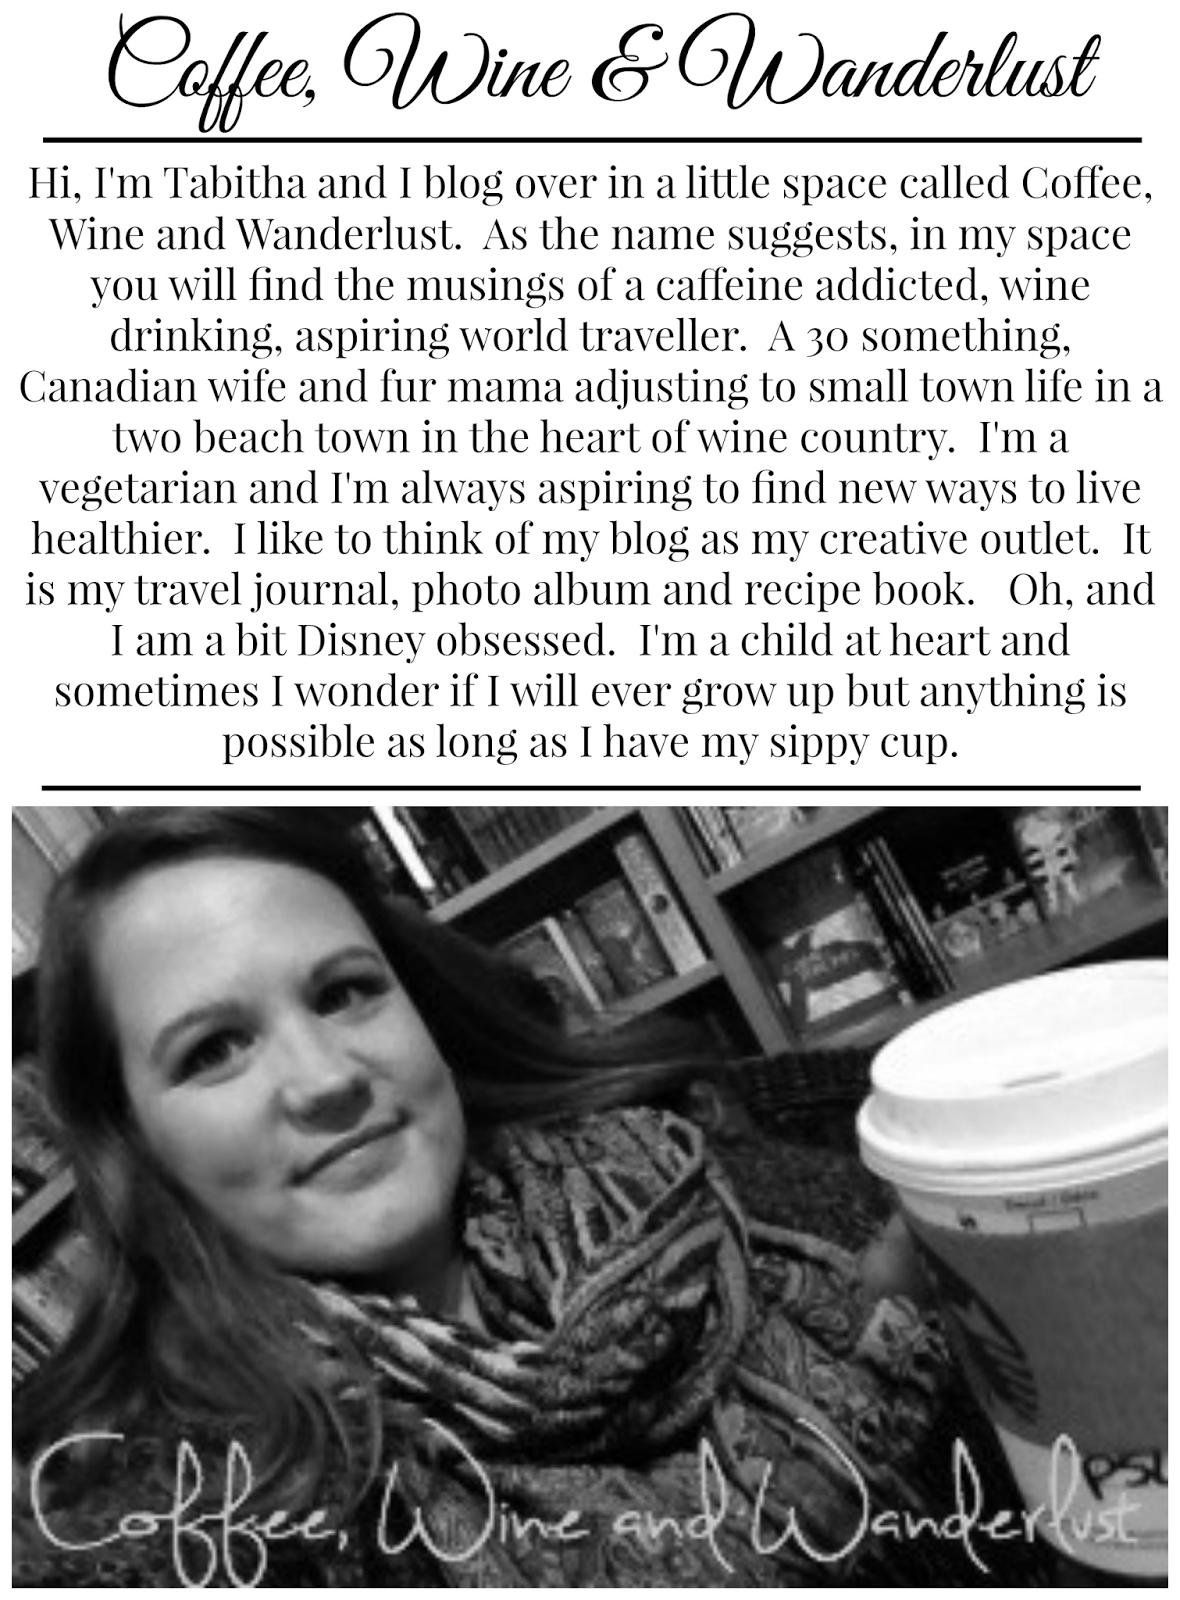 http://www.coffeewineandwanderlust.com/